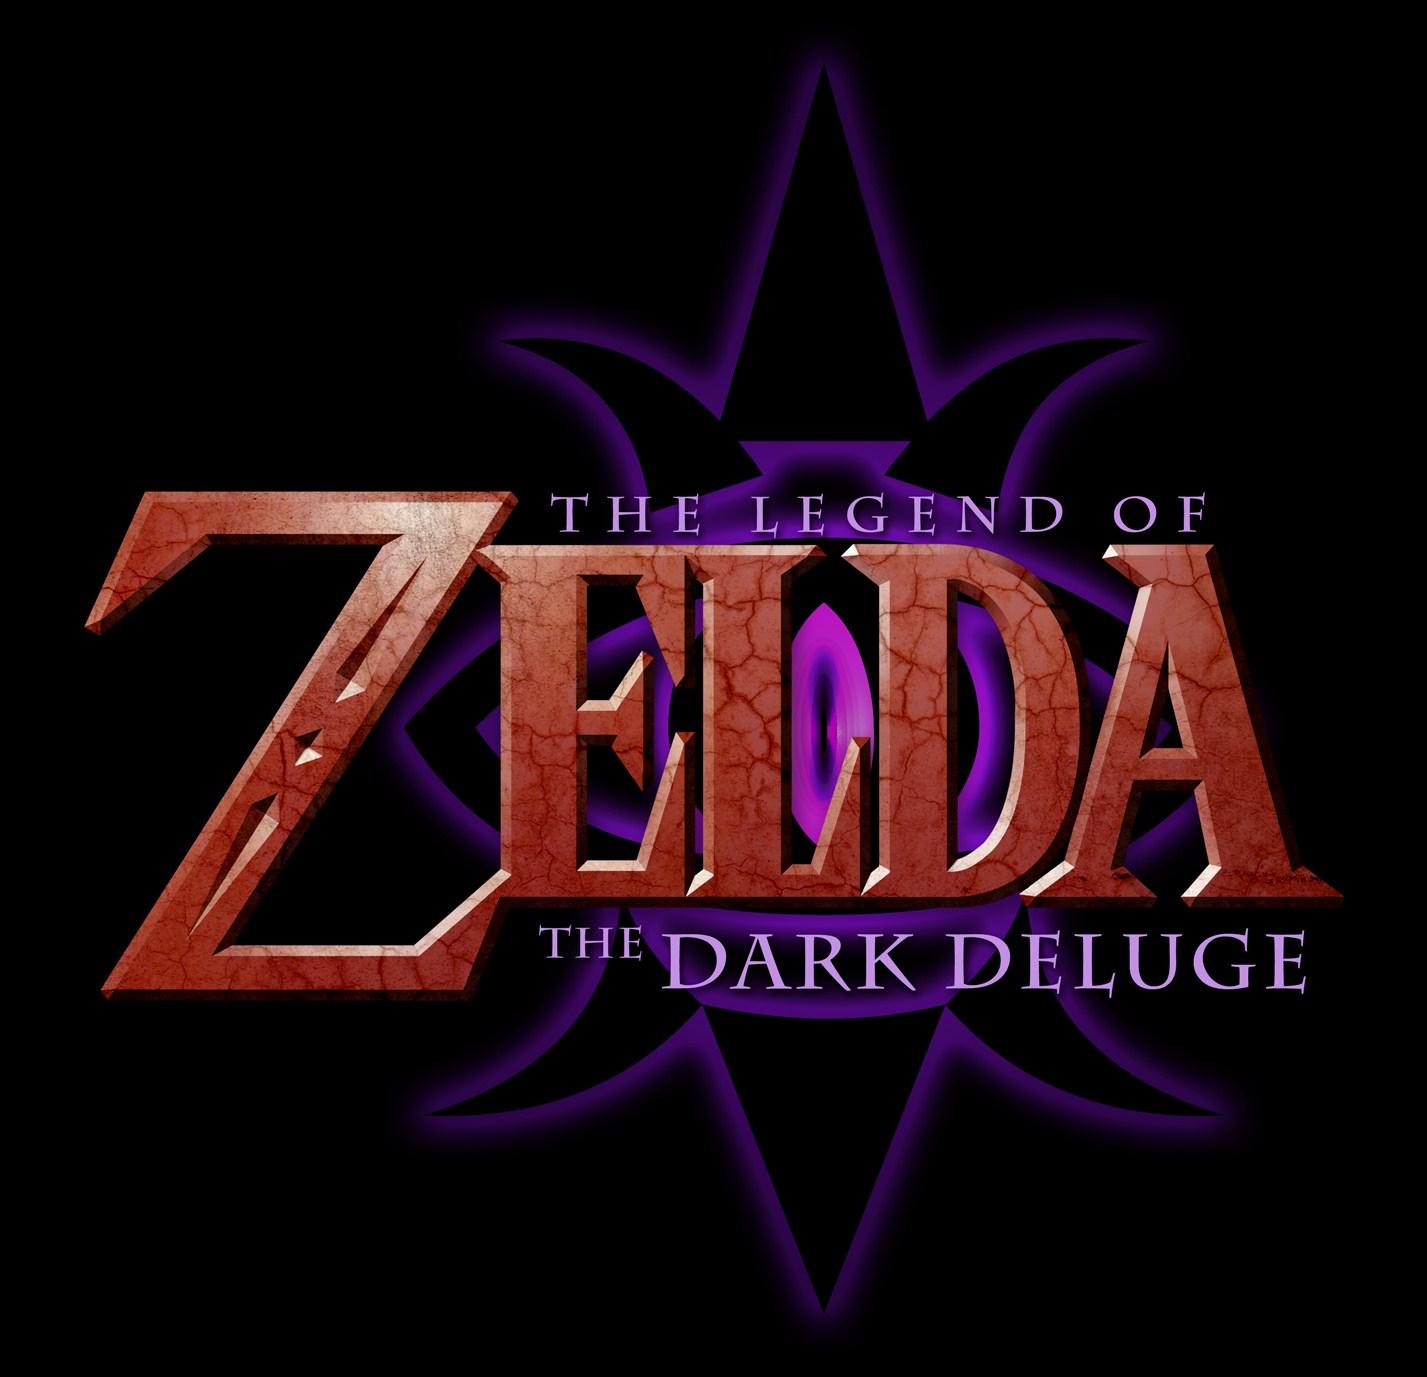 The Legend of Zelda: The Dark Deluge Title